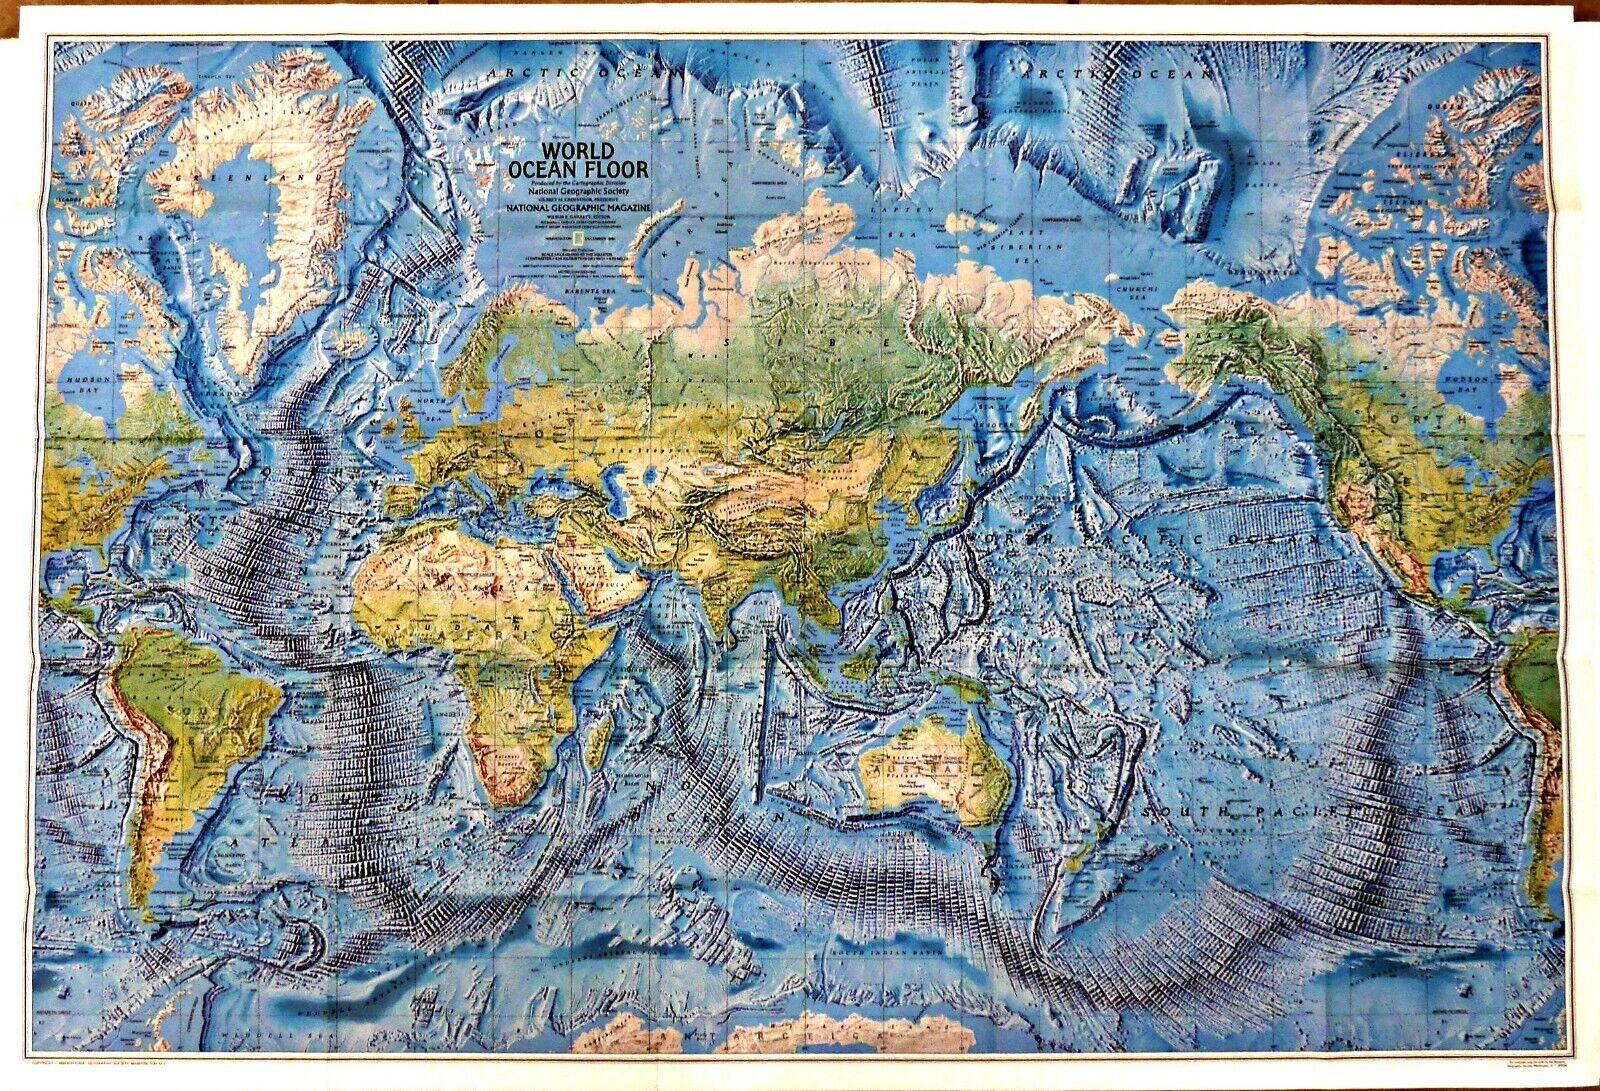 World Ocean Floor Map for sale online